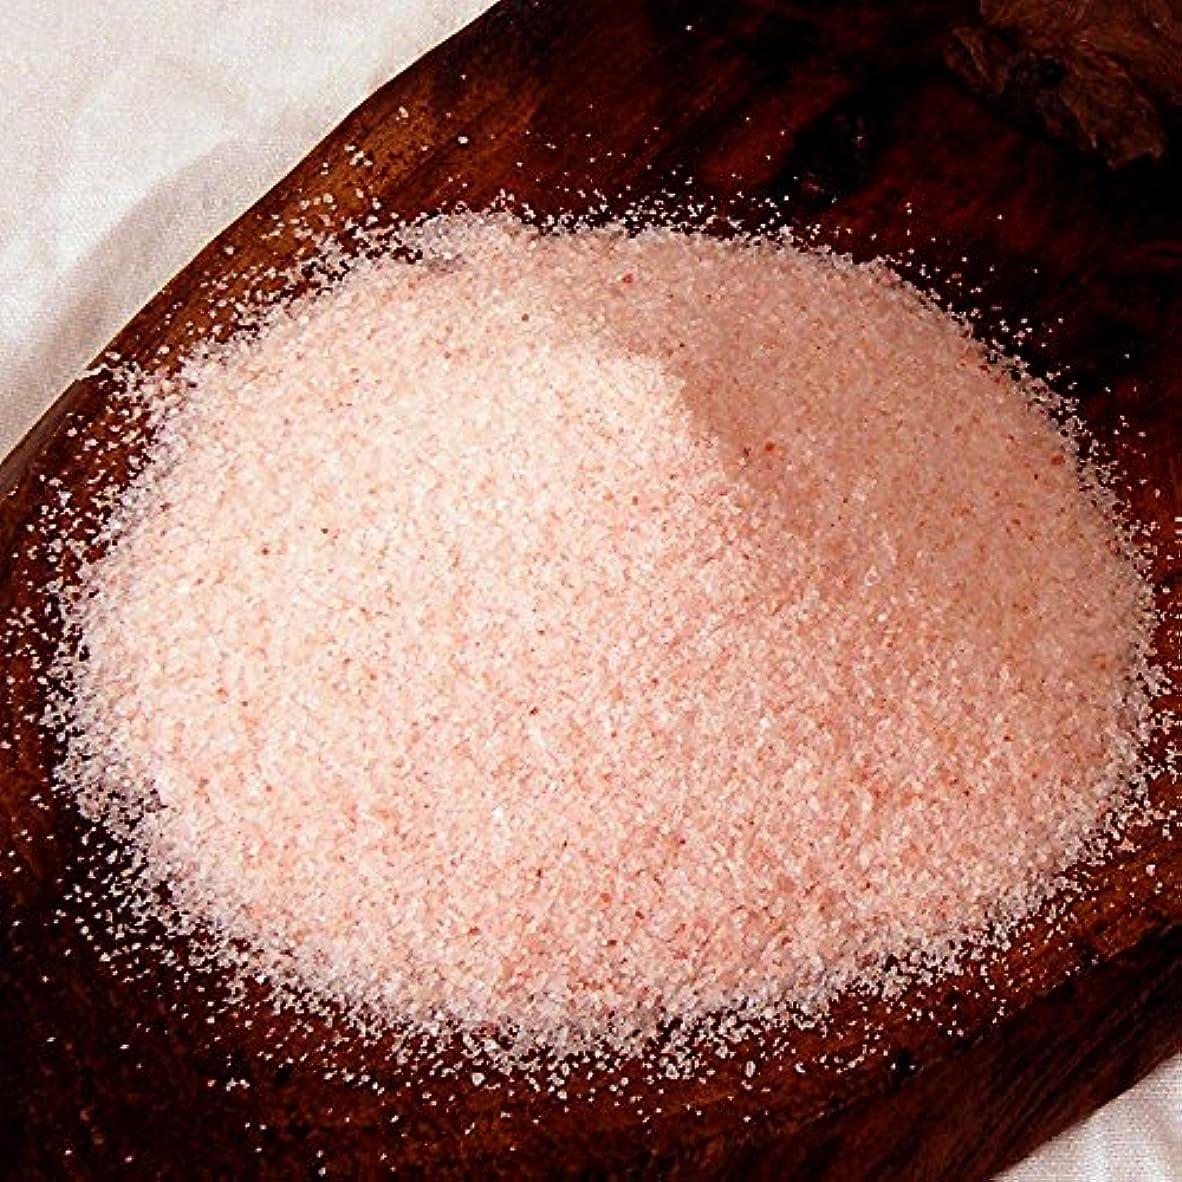 今晩弱いセンチメートルヒマラヤ岩塩 バスソルト ローズソルト 溶けやすい細粒タイプ 5kg 塩洗顔にも 【保管に便利な1kg×5パック】